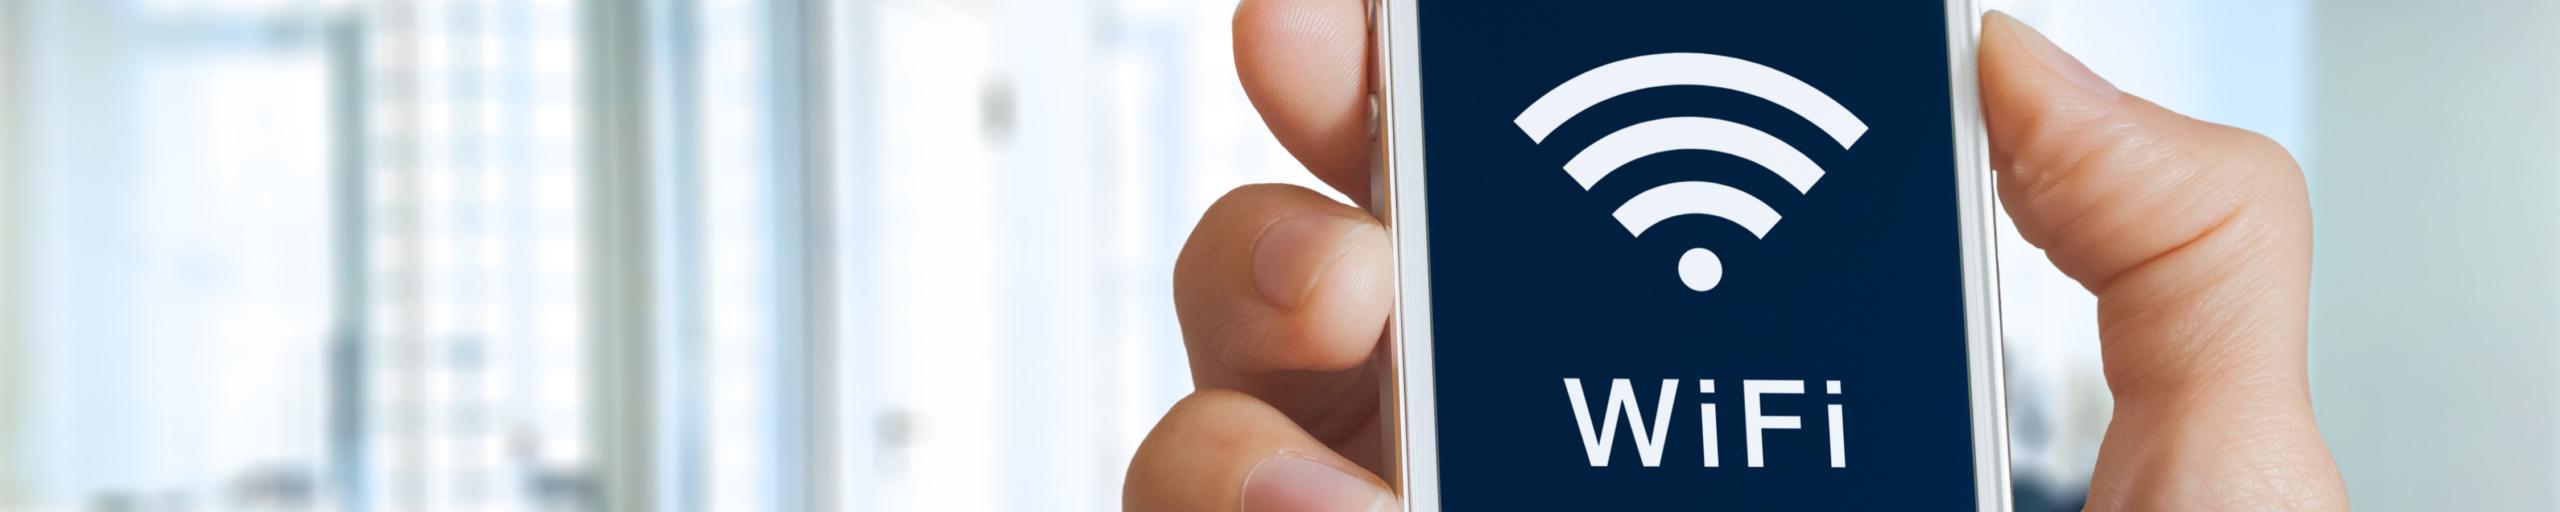 Headerbild Smartphone mit WiFi